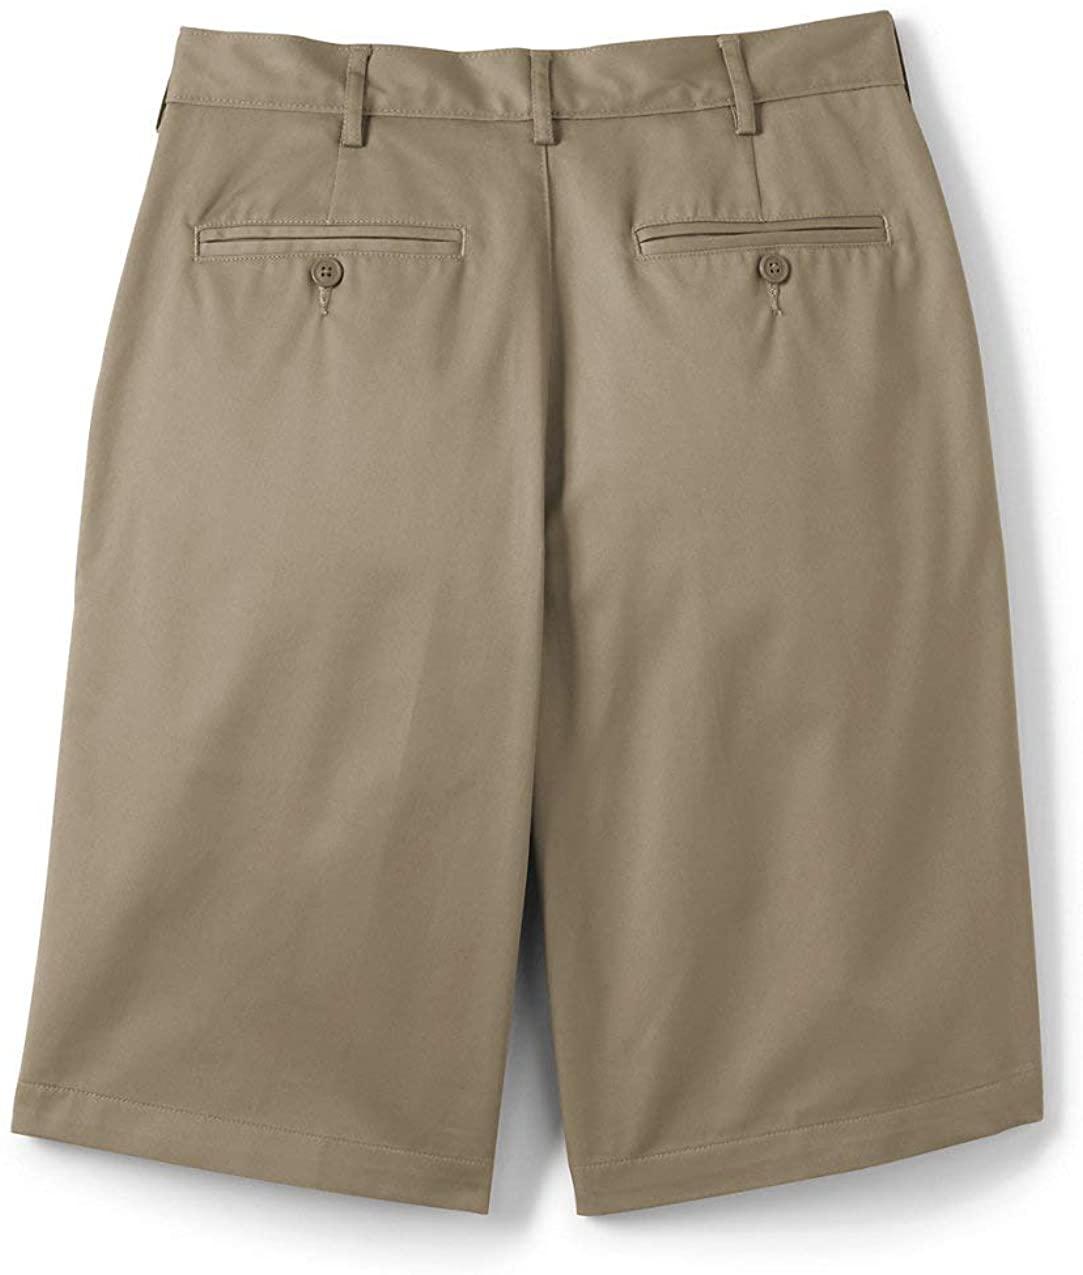 Lands' End School Uniform Men's Plain Front Blend Chino Shorts